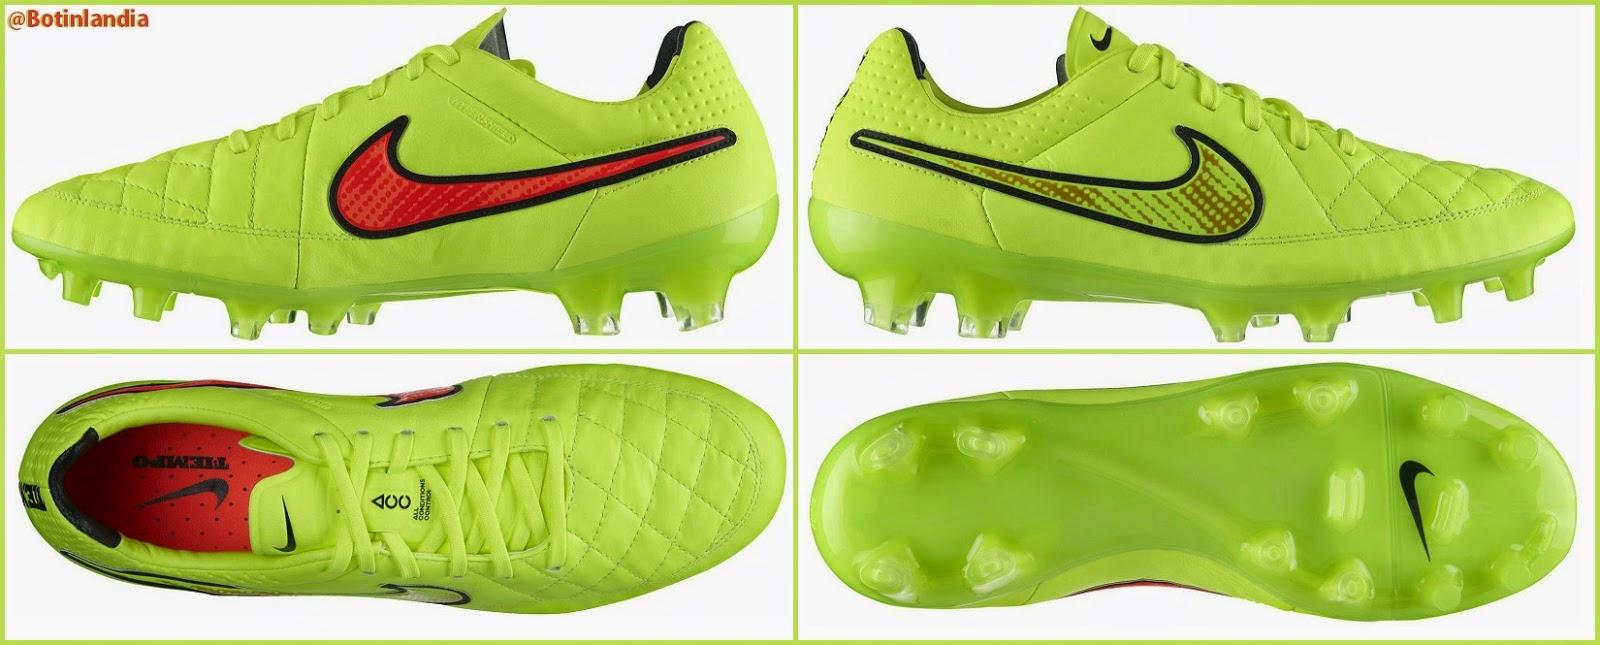 Nuevos botines Nike Tiempo Legend V World Cup! | Botinlandia